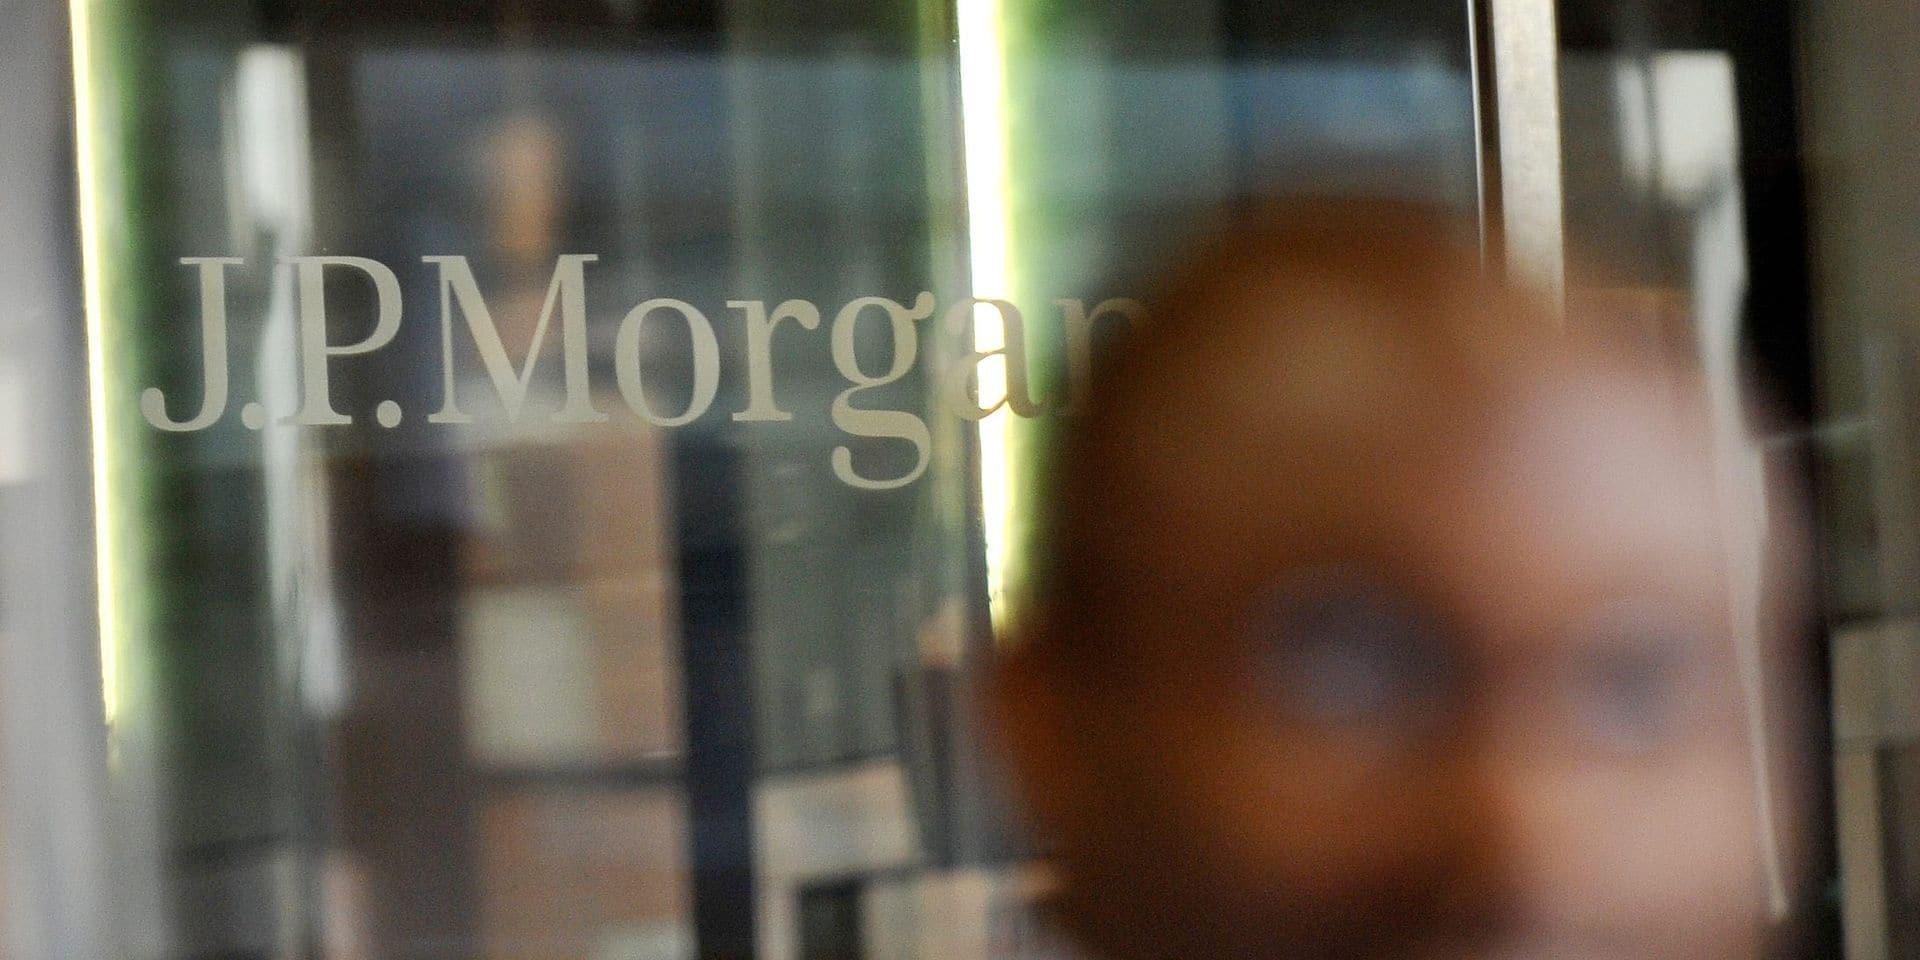 Le PDG de la banque JPMorgan opéré du coeur en urgence